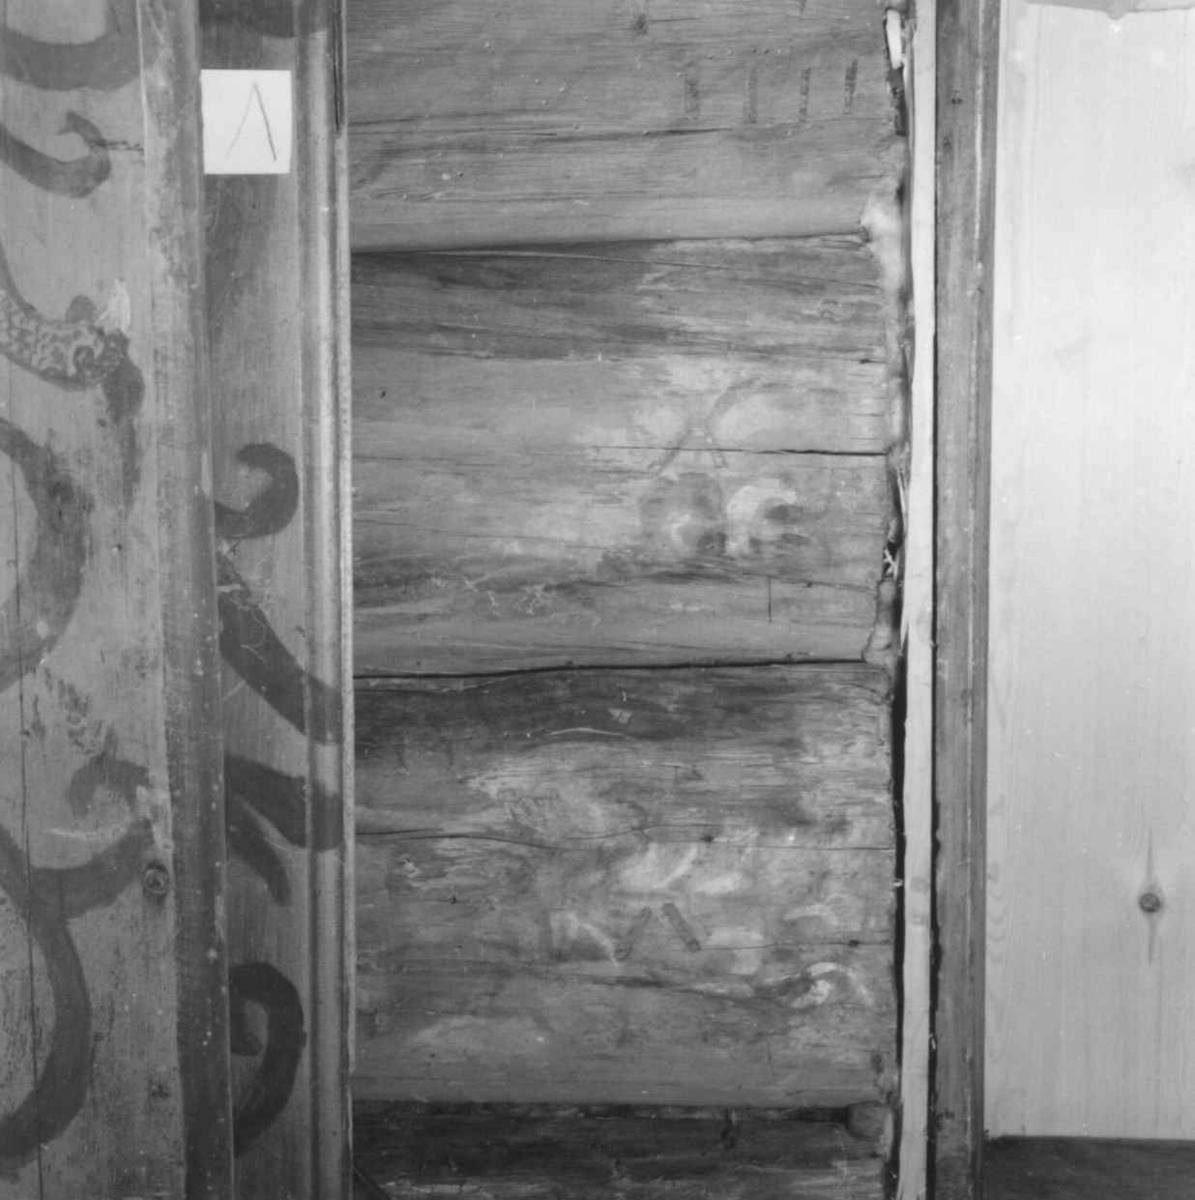 Heftye-samlingen, Frognerseteren, Gulsvikstua